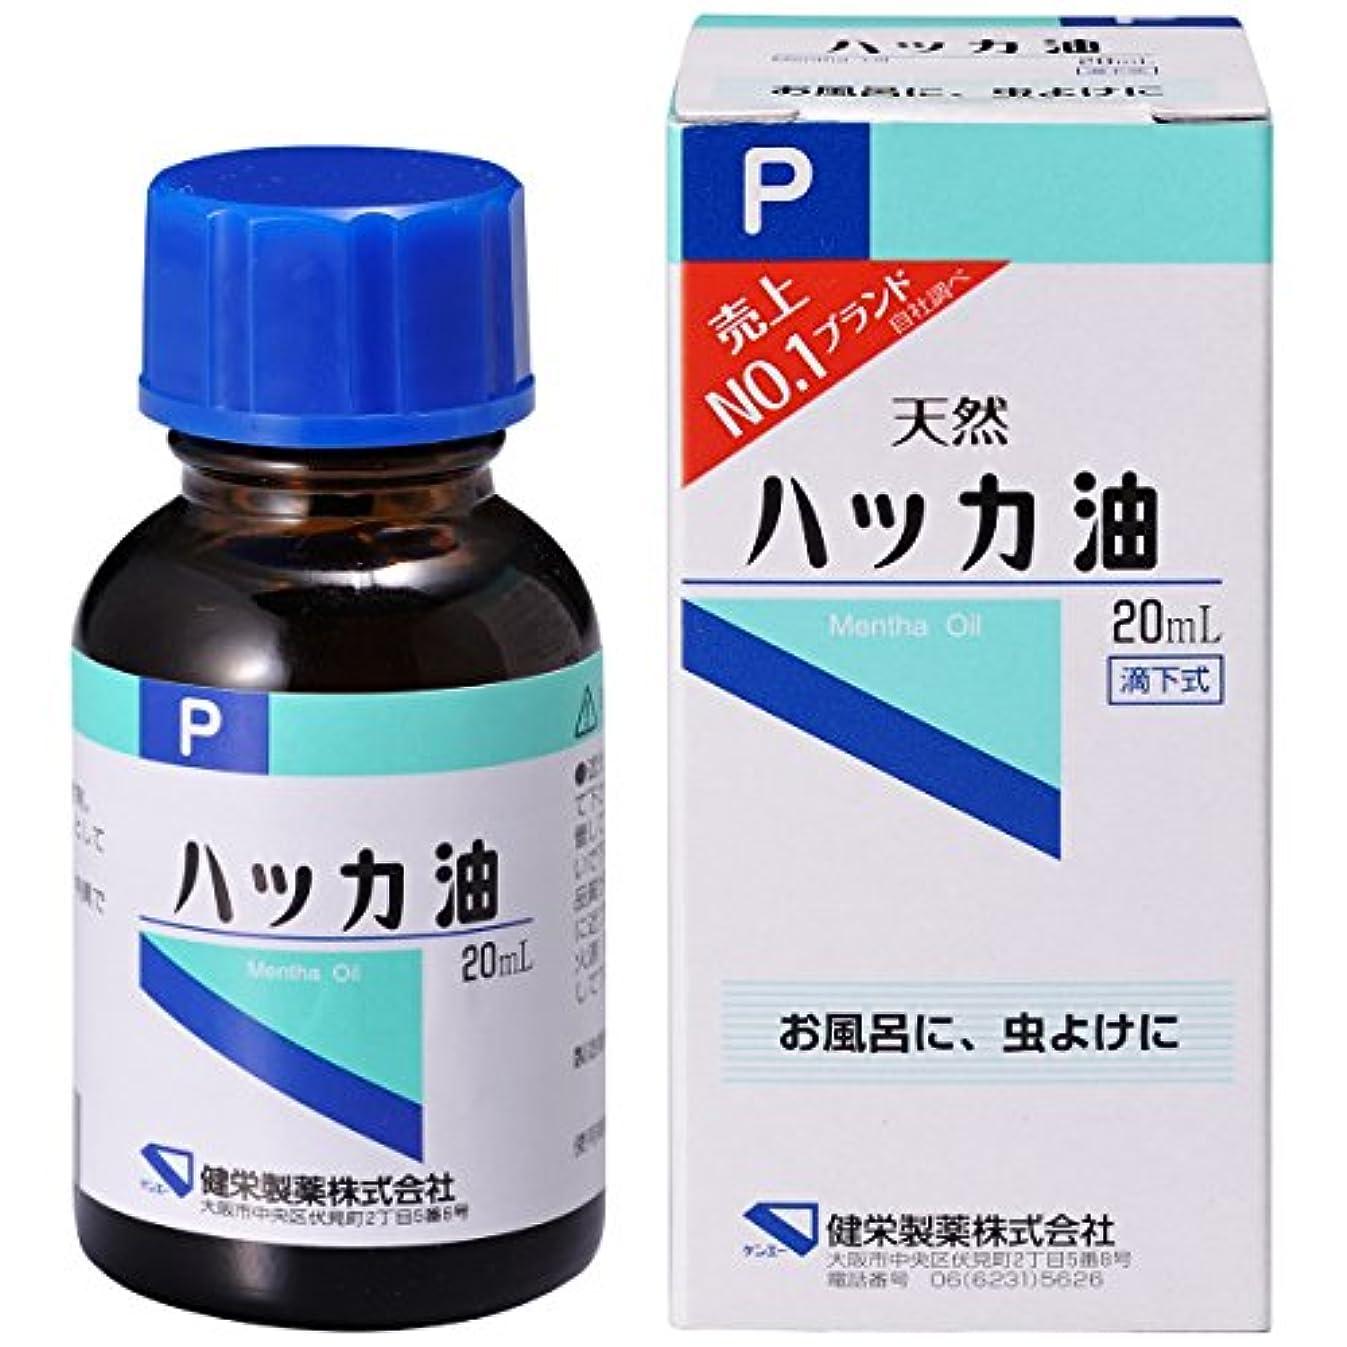 物足りない受粉するはちみつハッカ油P 20ml